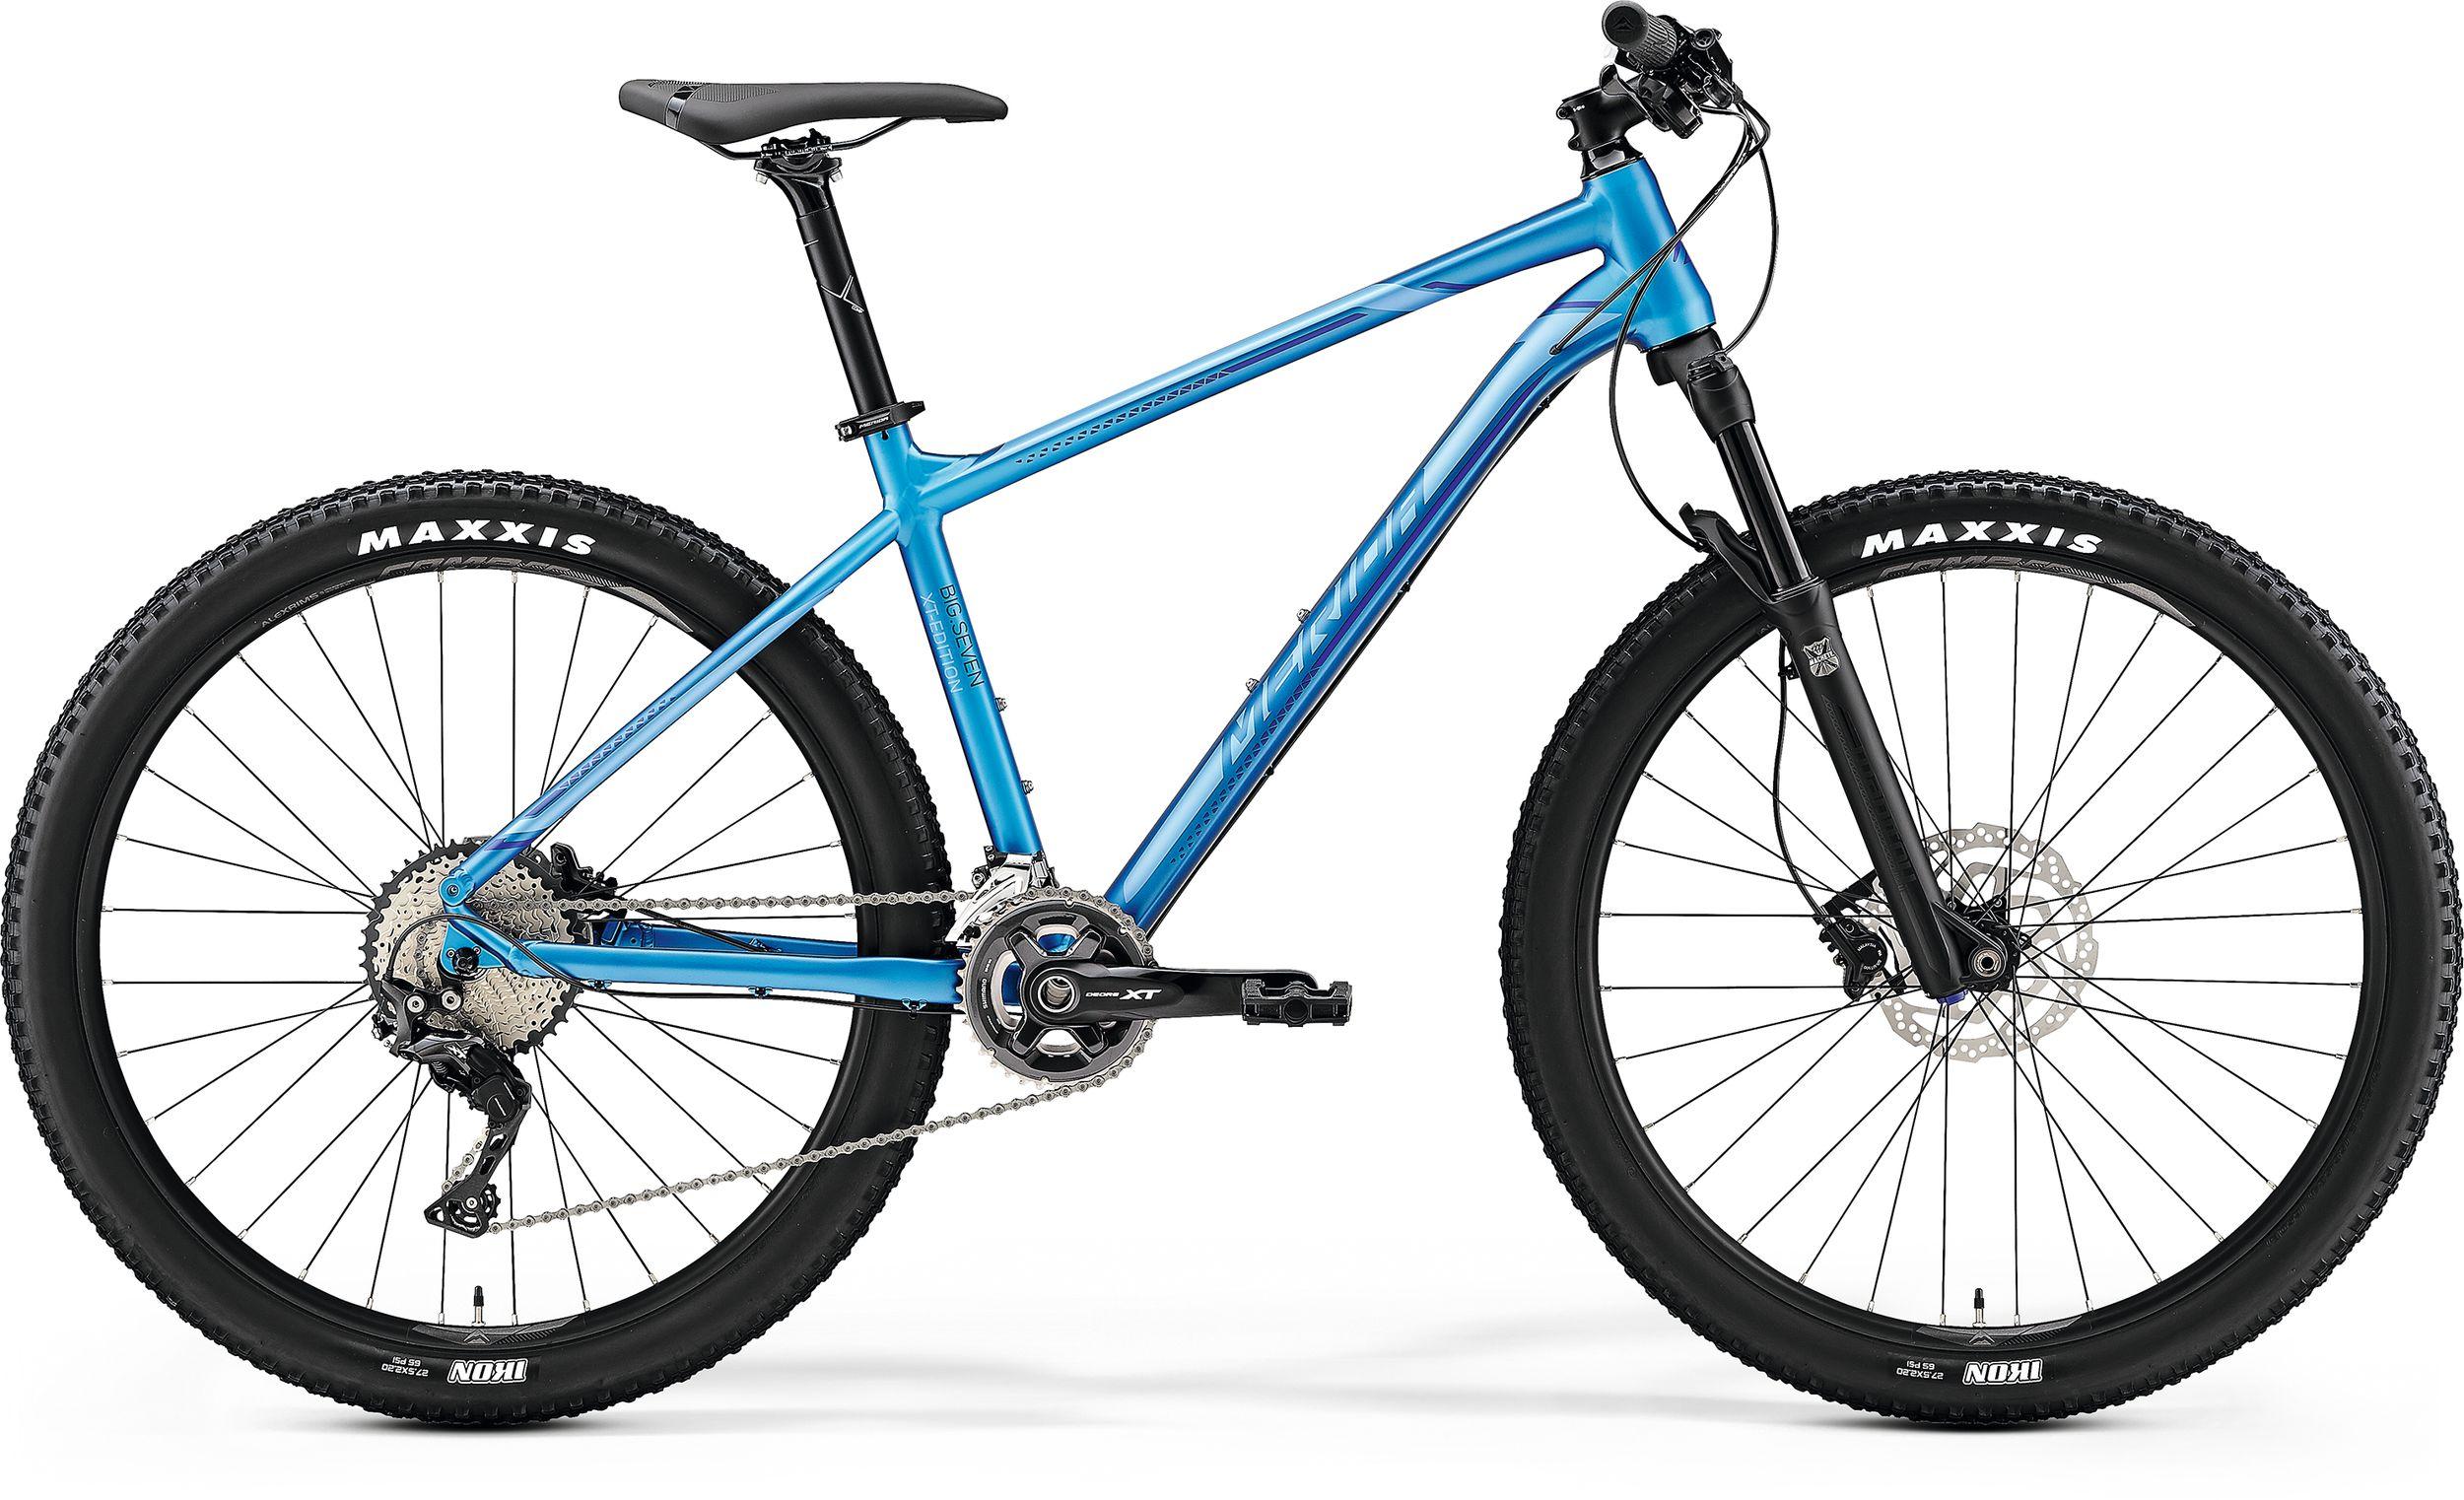 Big Seven Xt Edition Merida Bikes